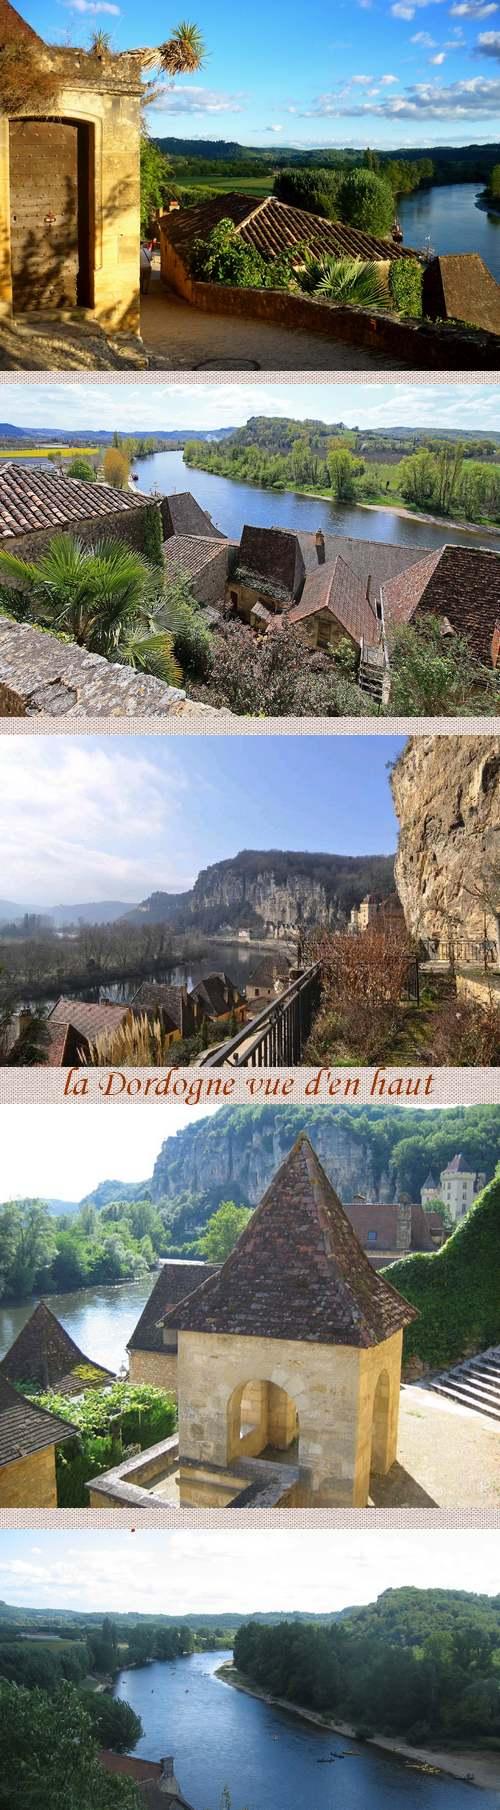 Circuit Touristique : Belvédères sur la vallée de la Dordogne